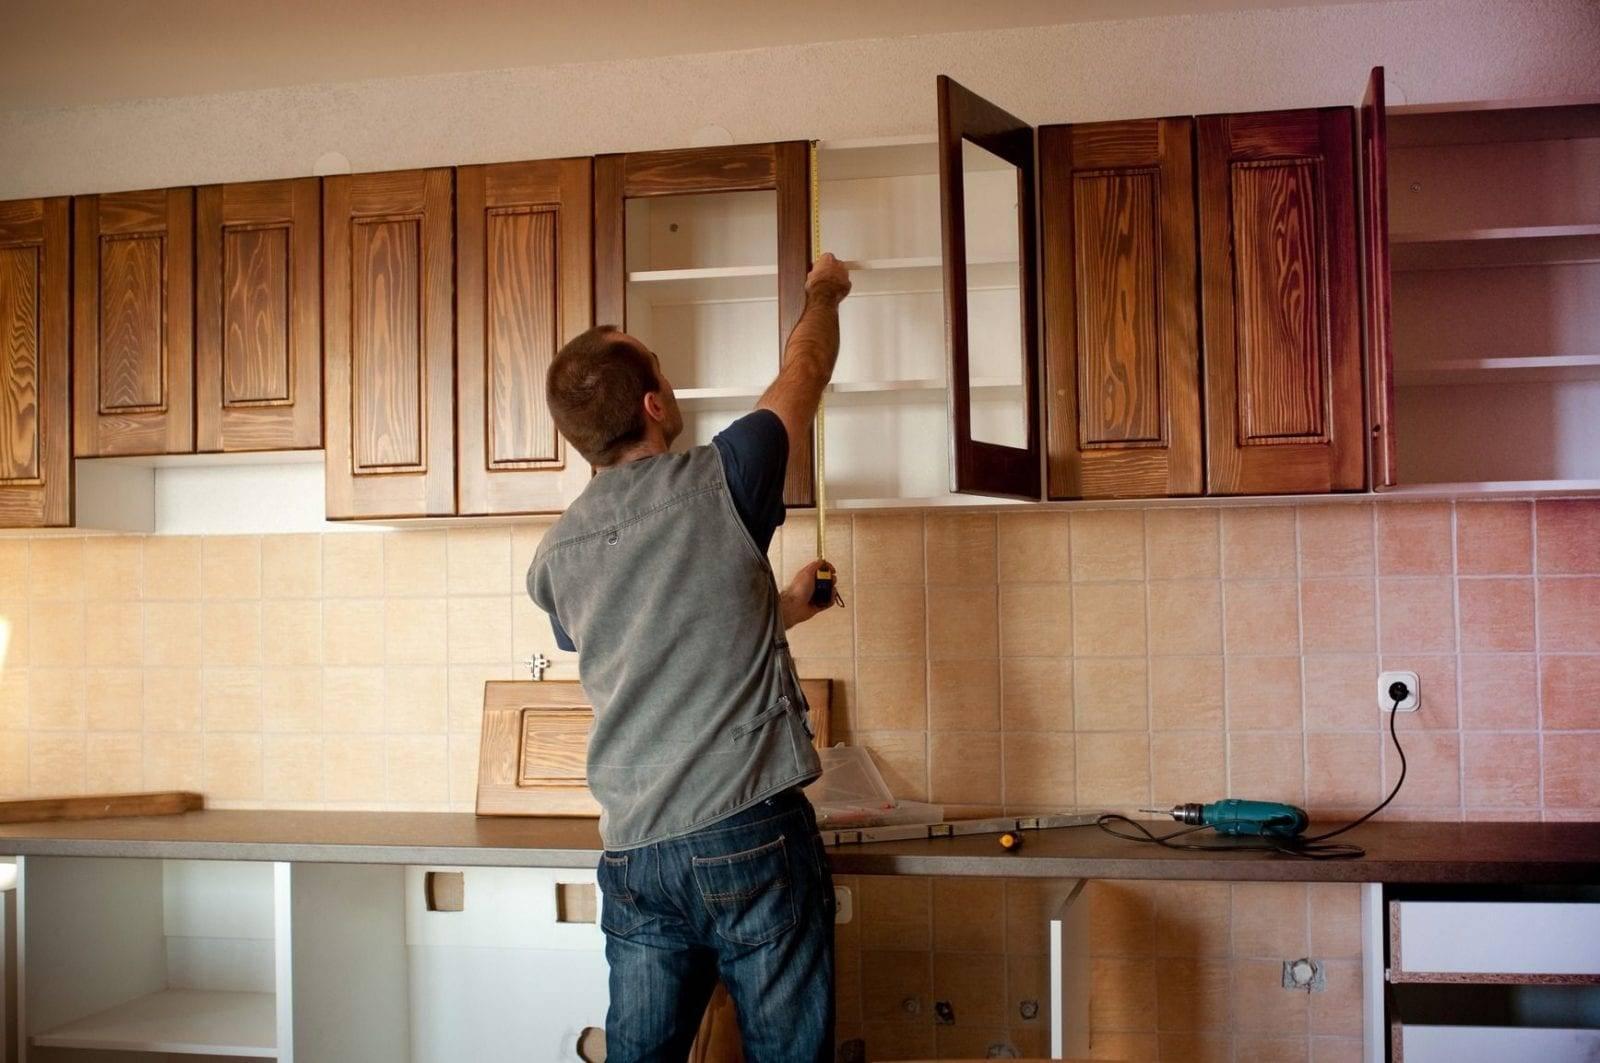 Реставрация кухонного гарнитура: как обновить старую кухню своими руками